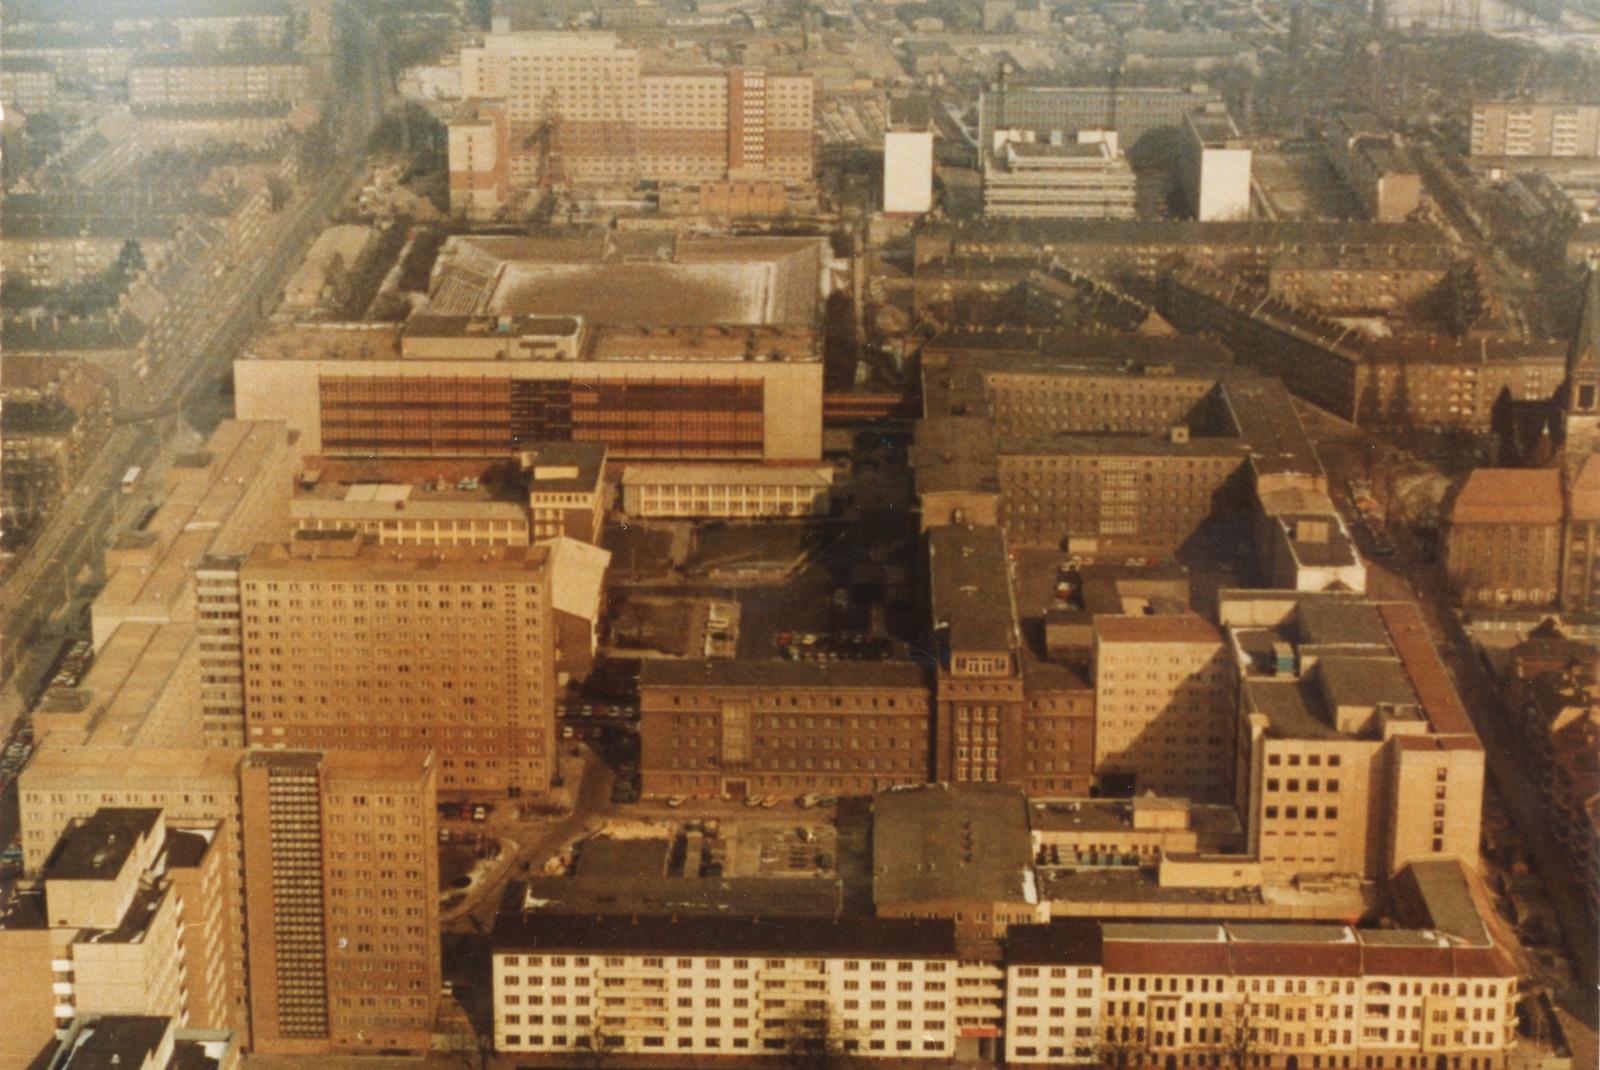 Центральный комплекс зданий Штази, Берлин. <br>